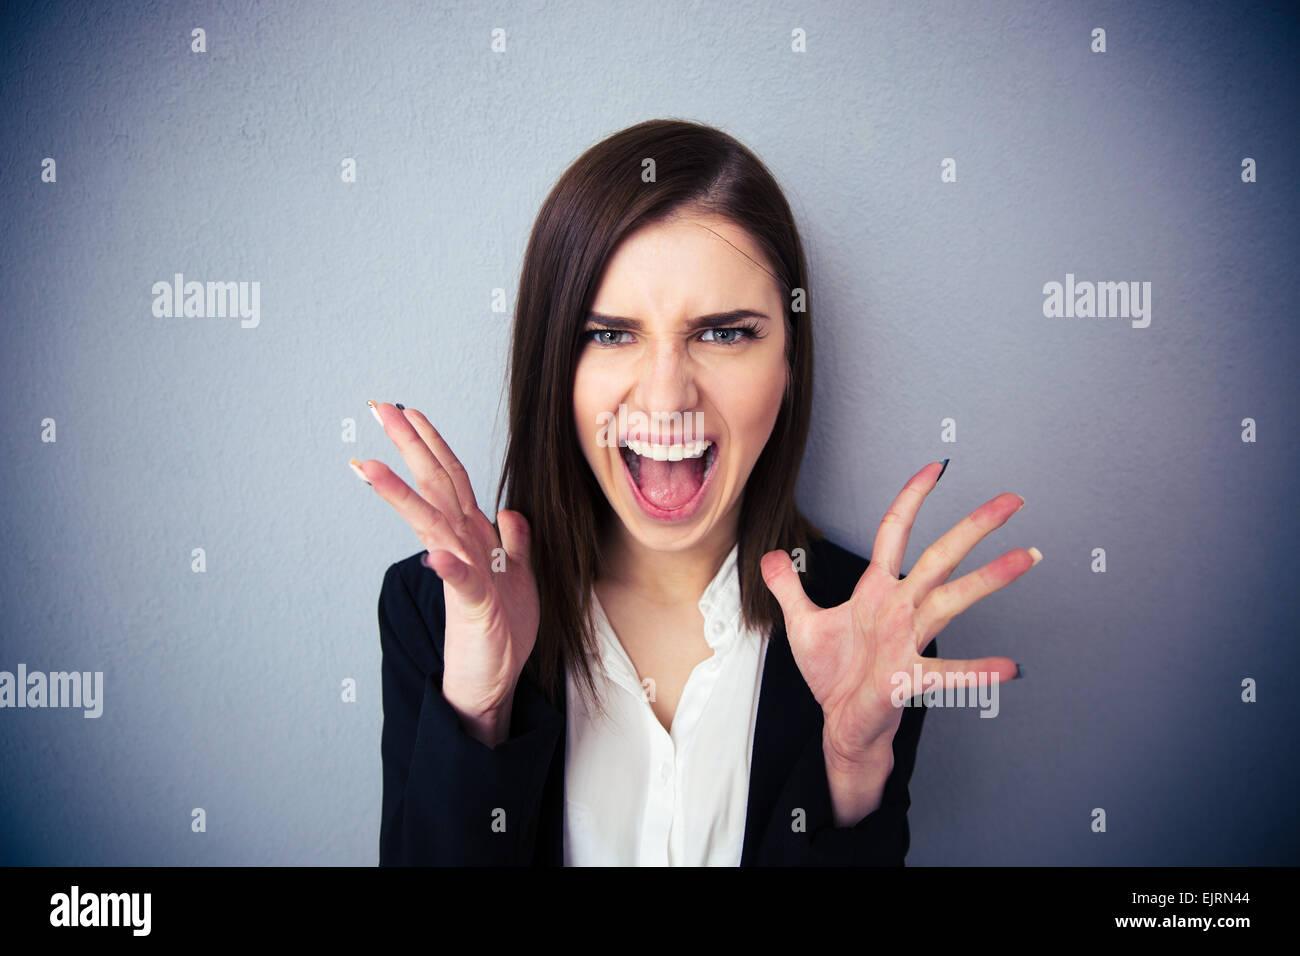 Arrabbiato donna urlando su sfondo grigio. Guardando la fotocamera Immagini Stock